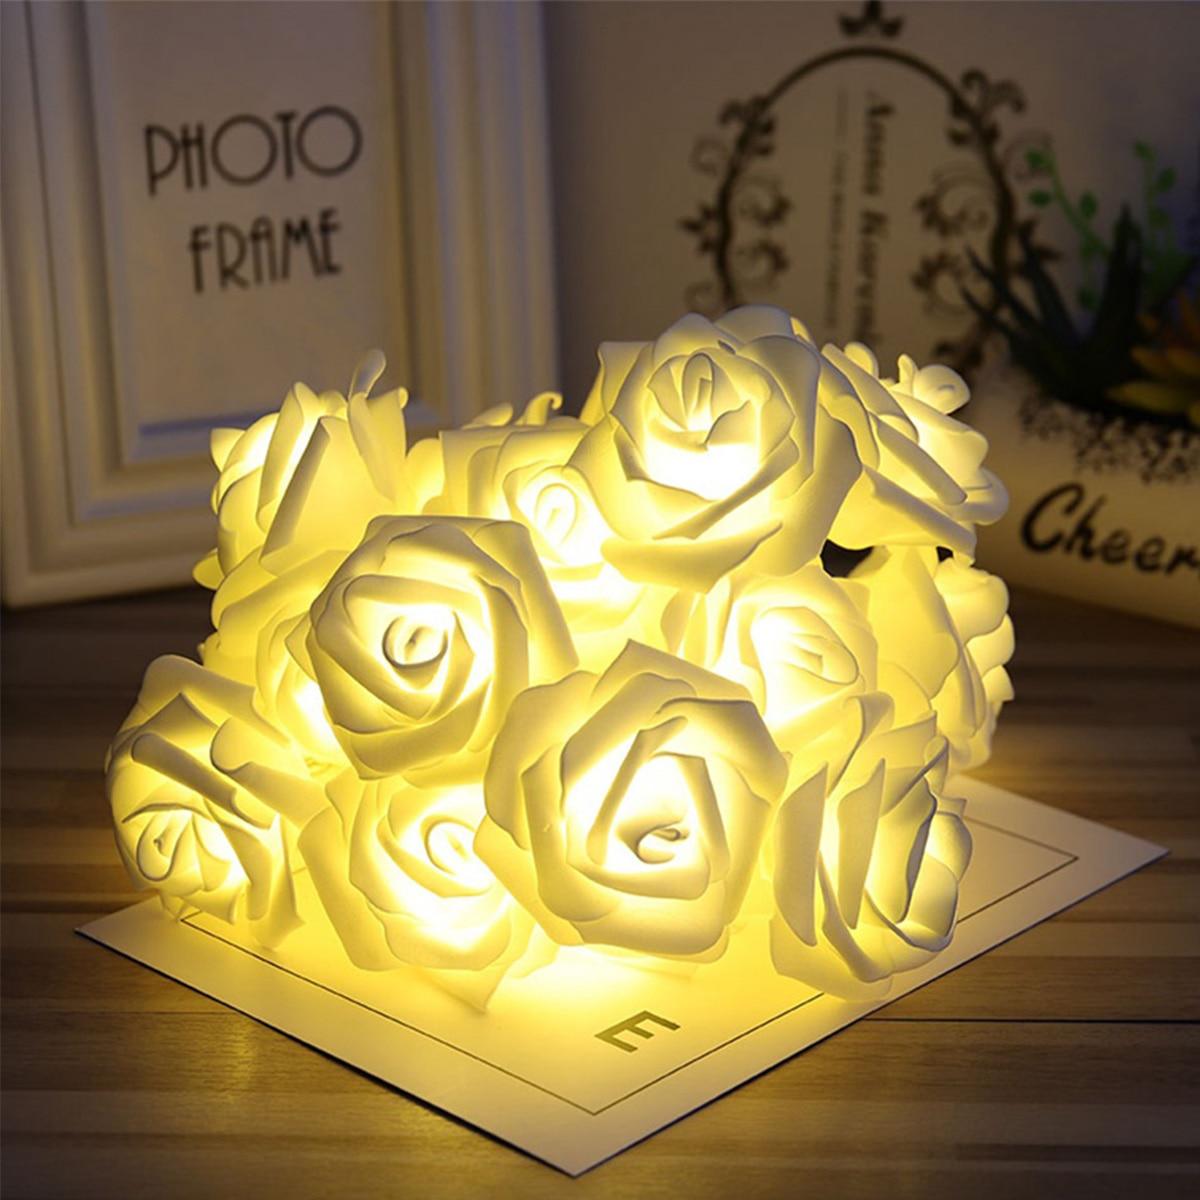 10 20 luzes led string bateria operado rosa flor flash luz decoracao do quarto aniversario